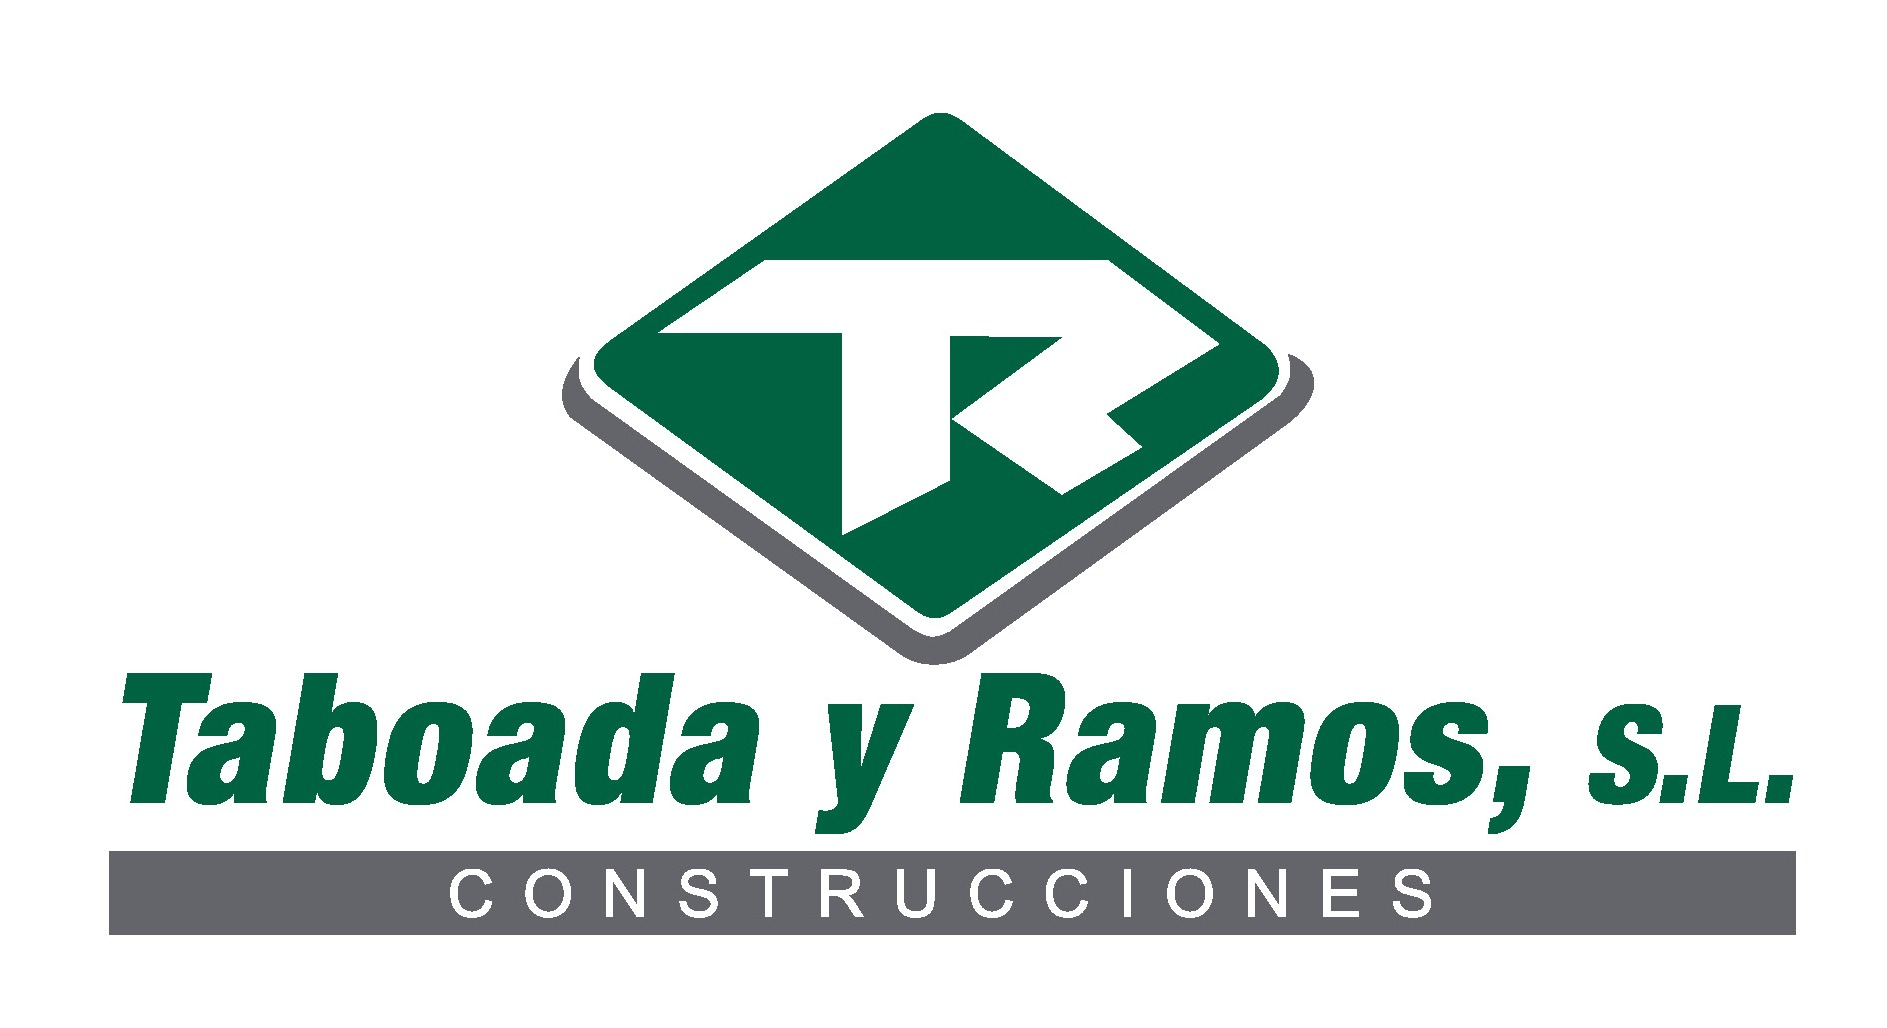 Taboada y Ramos